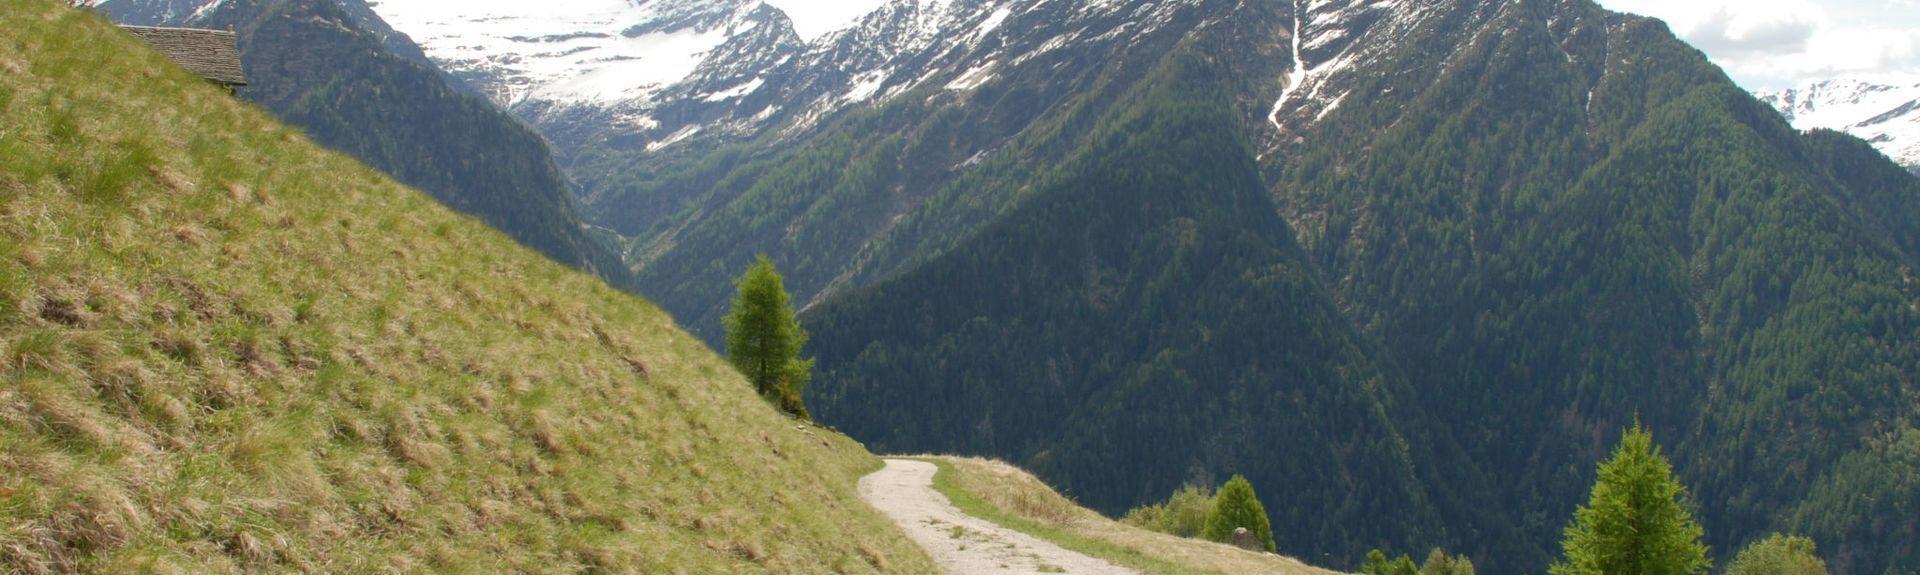 Calanca, Switzerland